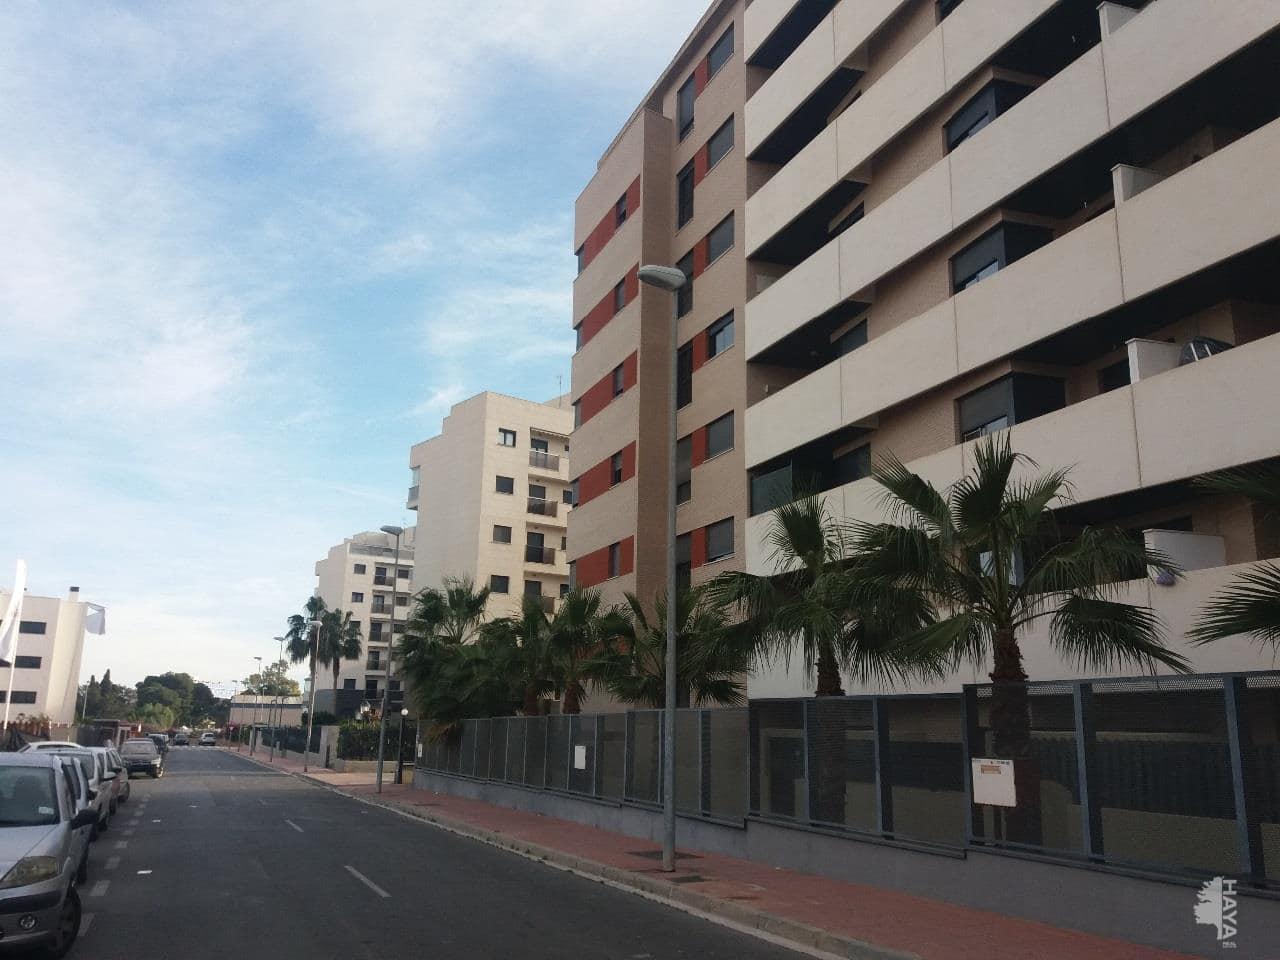 Piso en venta en Villa Blanca, Almería, Almería, Calle Leo (residencial Amira), 120.006 €, 2 habitaciones, 1 baño, 82 m2